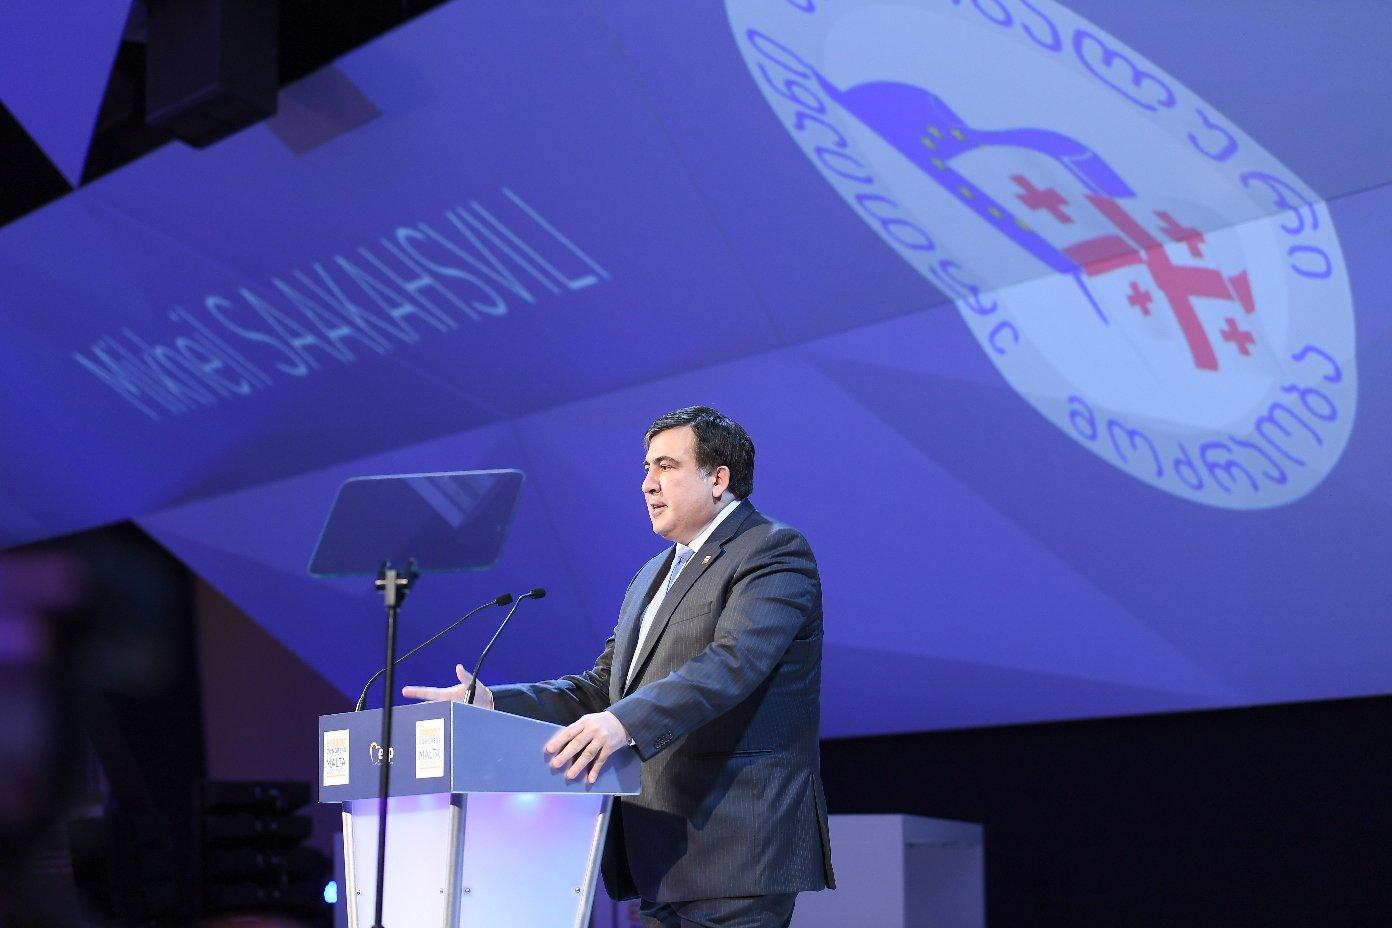 Украина –проходной двор. Саакашвили высказался о настоящей Украине